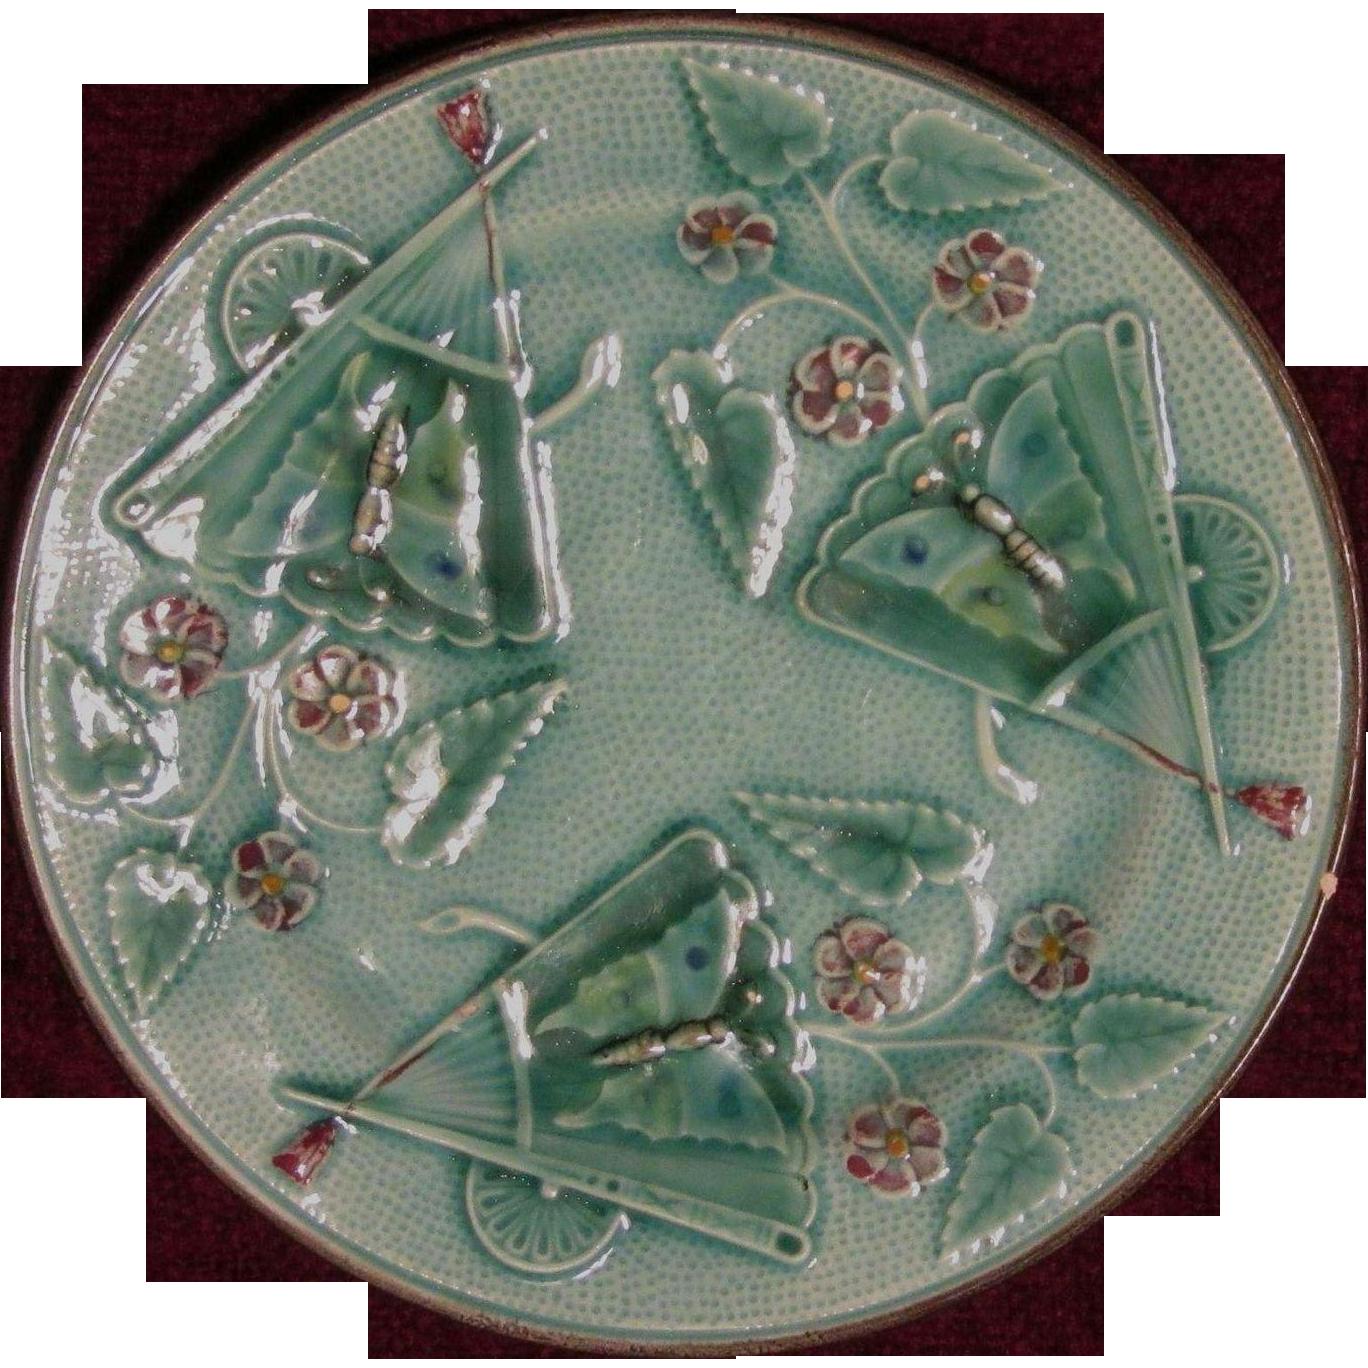 Majolica Plate, 19th Century, Fans, Butterflies, Flowers